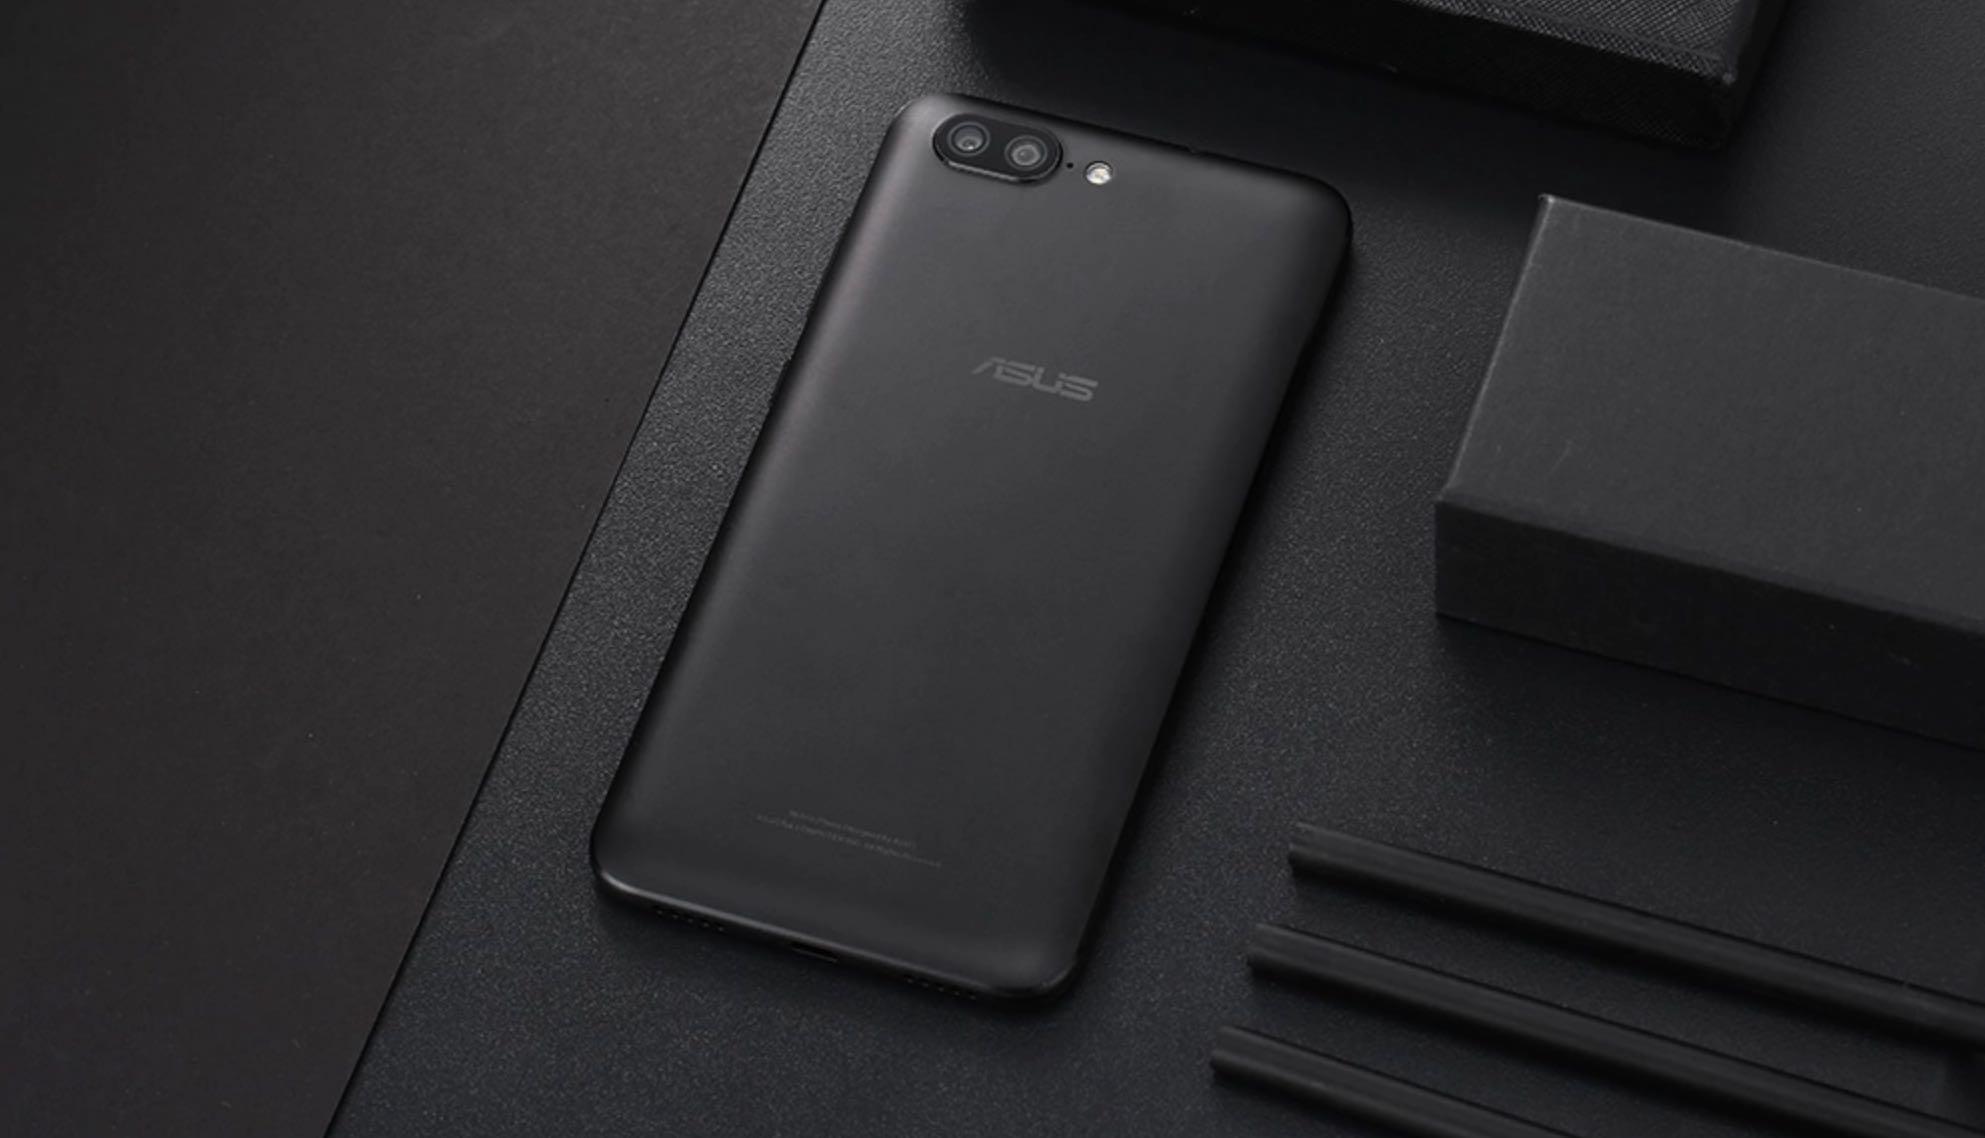 GearBest: Asus Zenfone 4 Max Plus